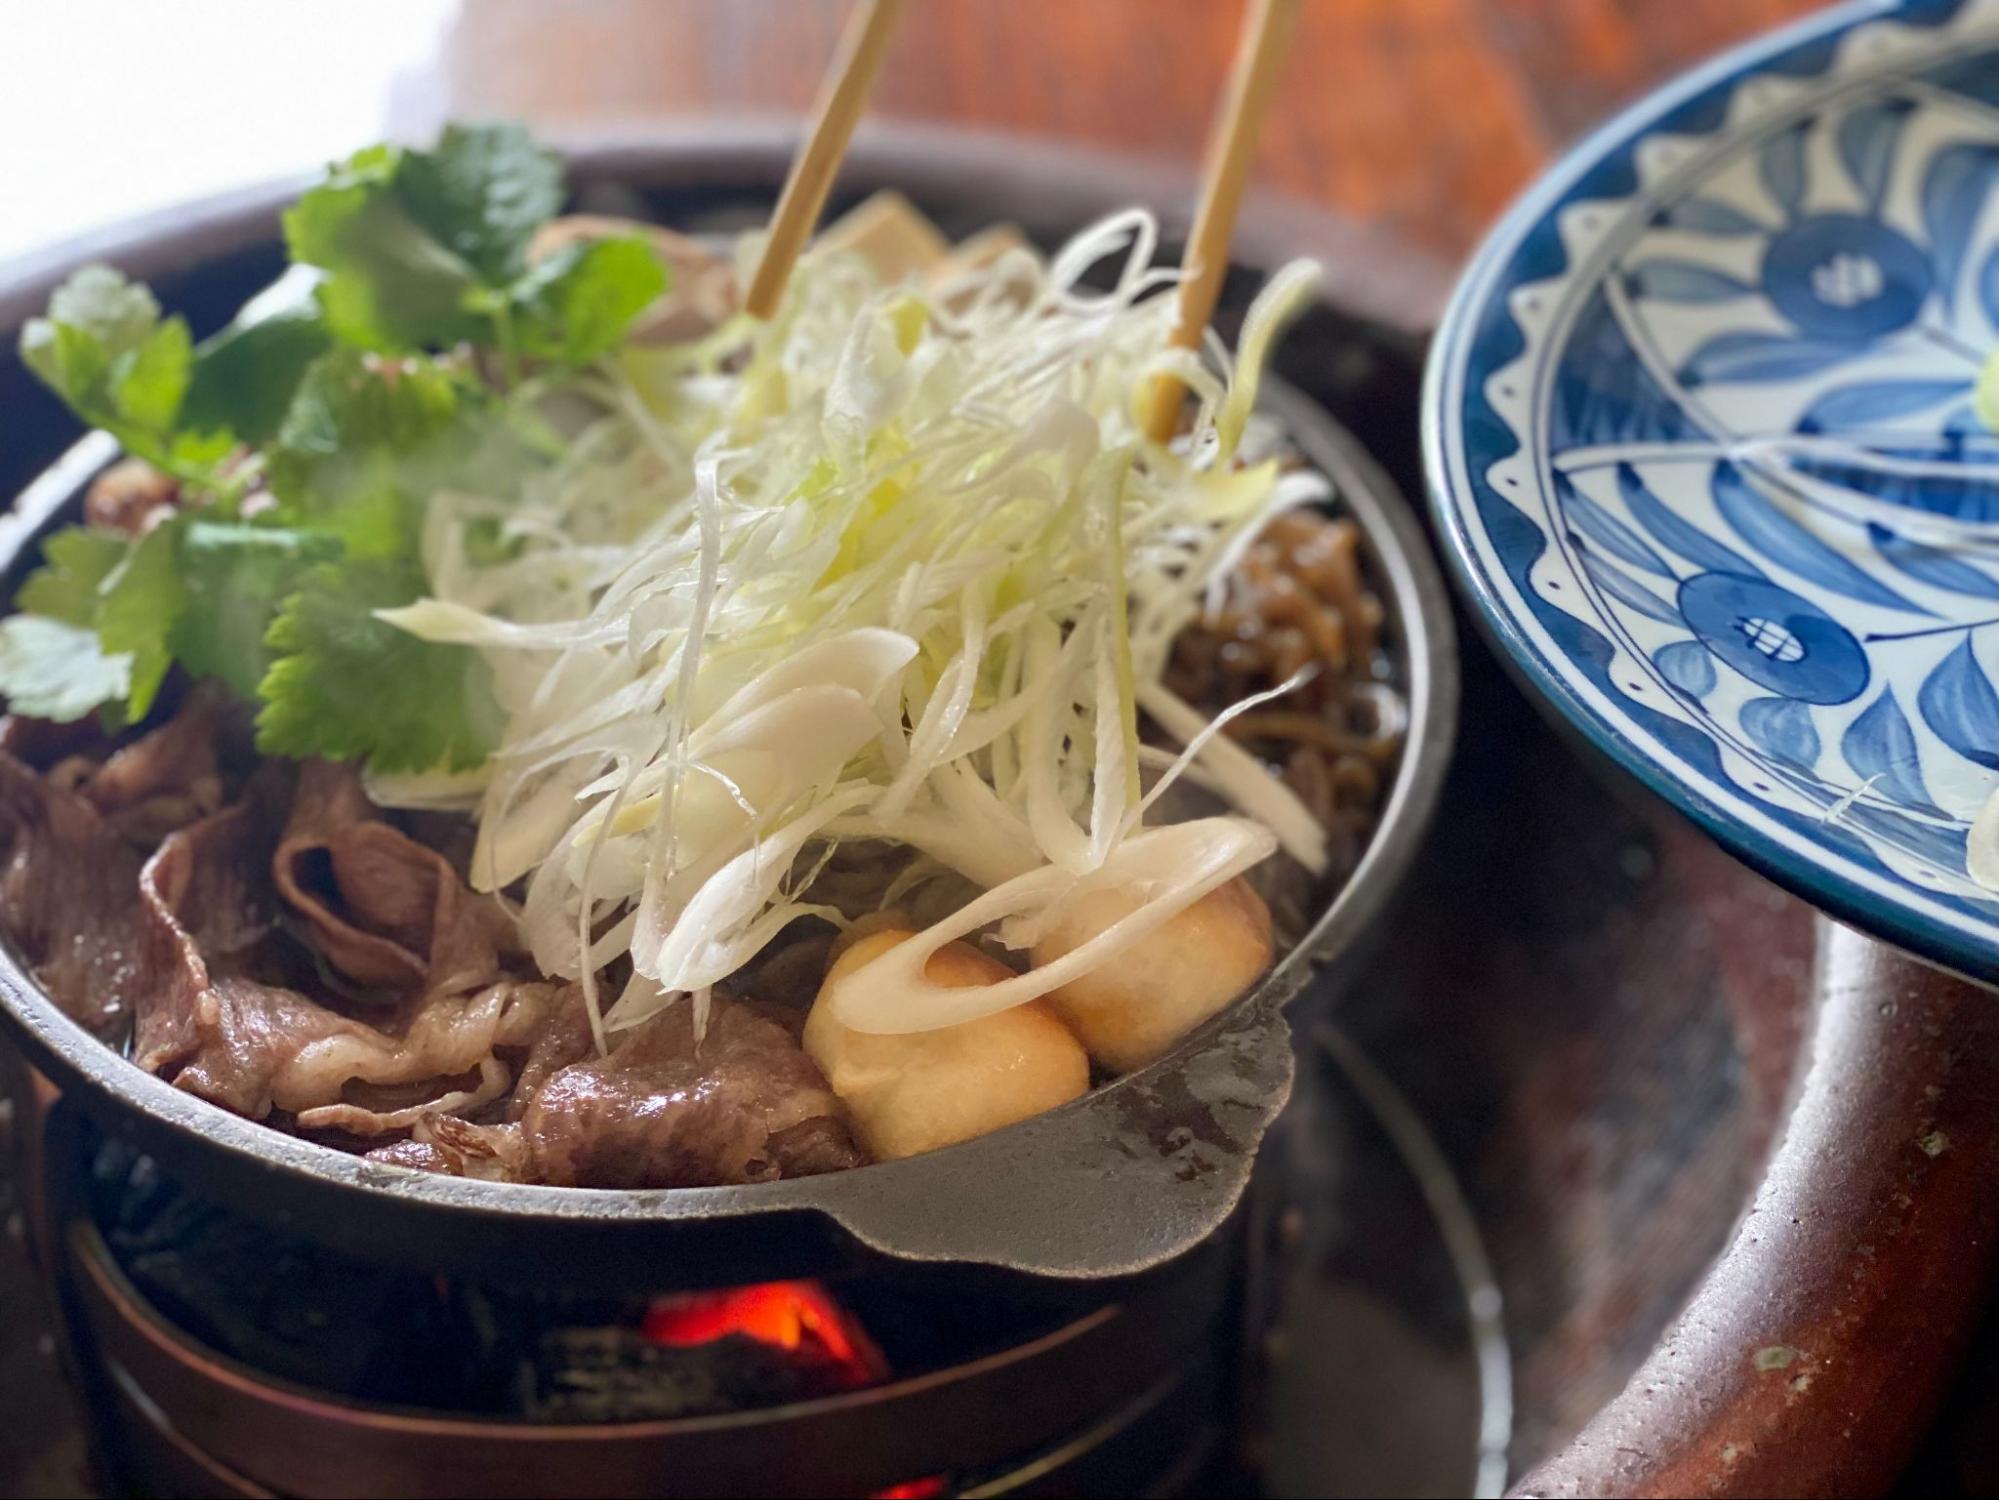 明治時代のすき焼き?! 「大井牛肉店」の牛鍋を食べに行こう!